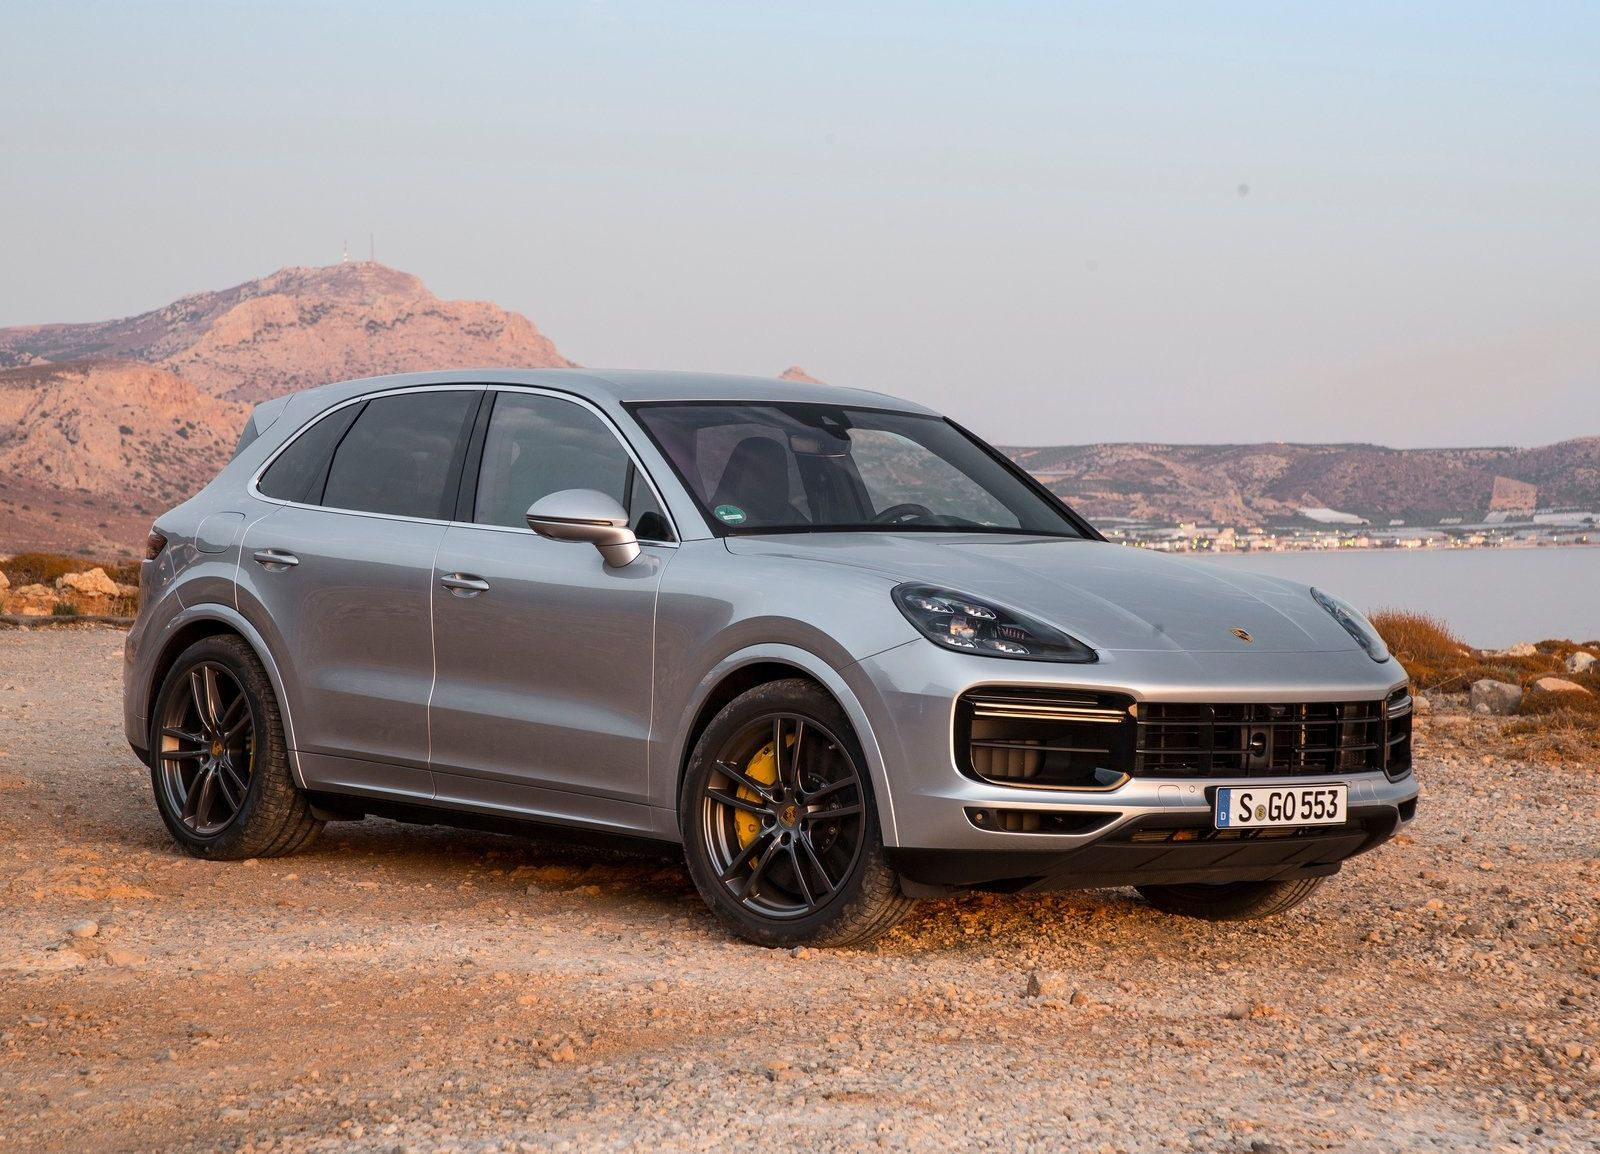 Nova Geracao Do Porsche Cayenne Chega Ao Brasil Trazendo Tudo Novo Precos Partem De R 423 Mil